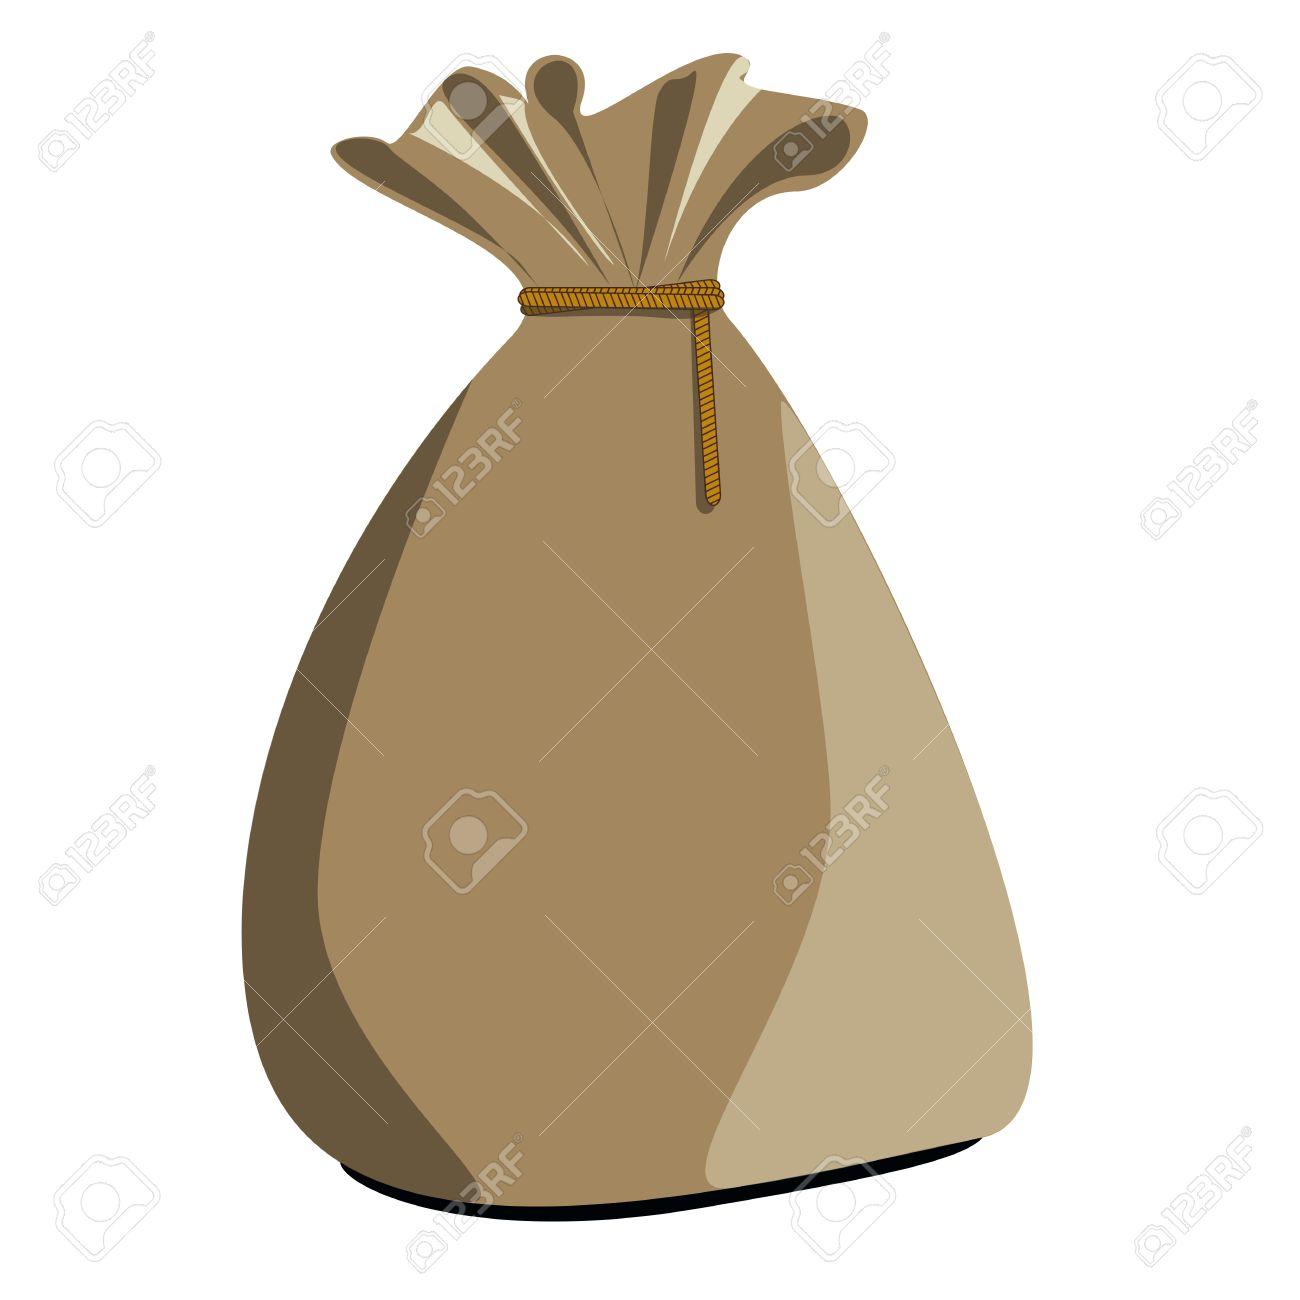 イラストの袋粉袋のイラスト素材ベクタ Image 35999748